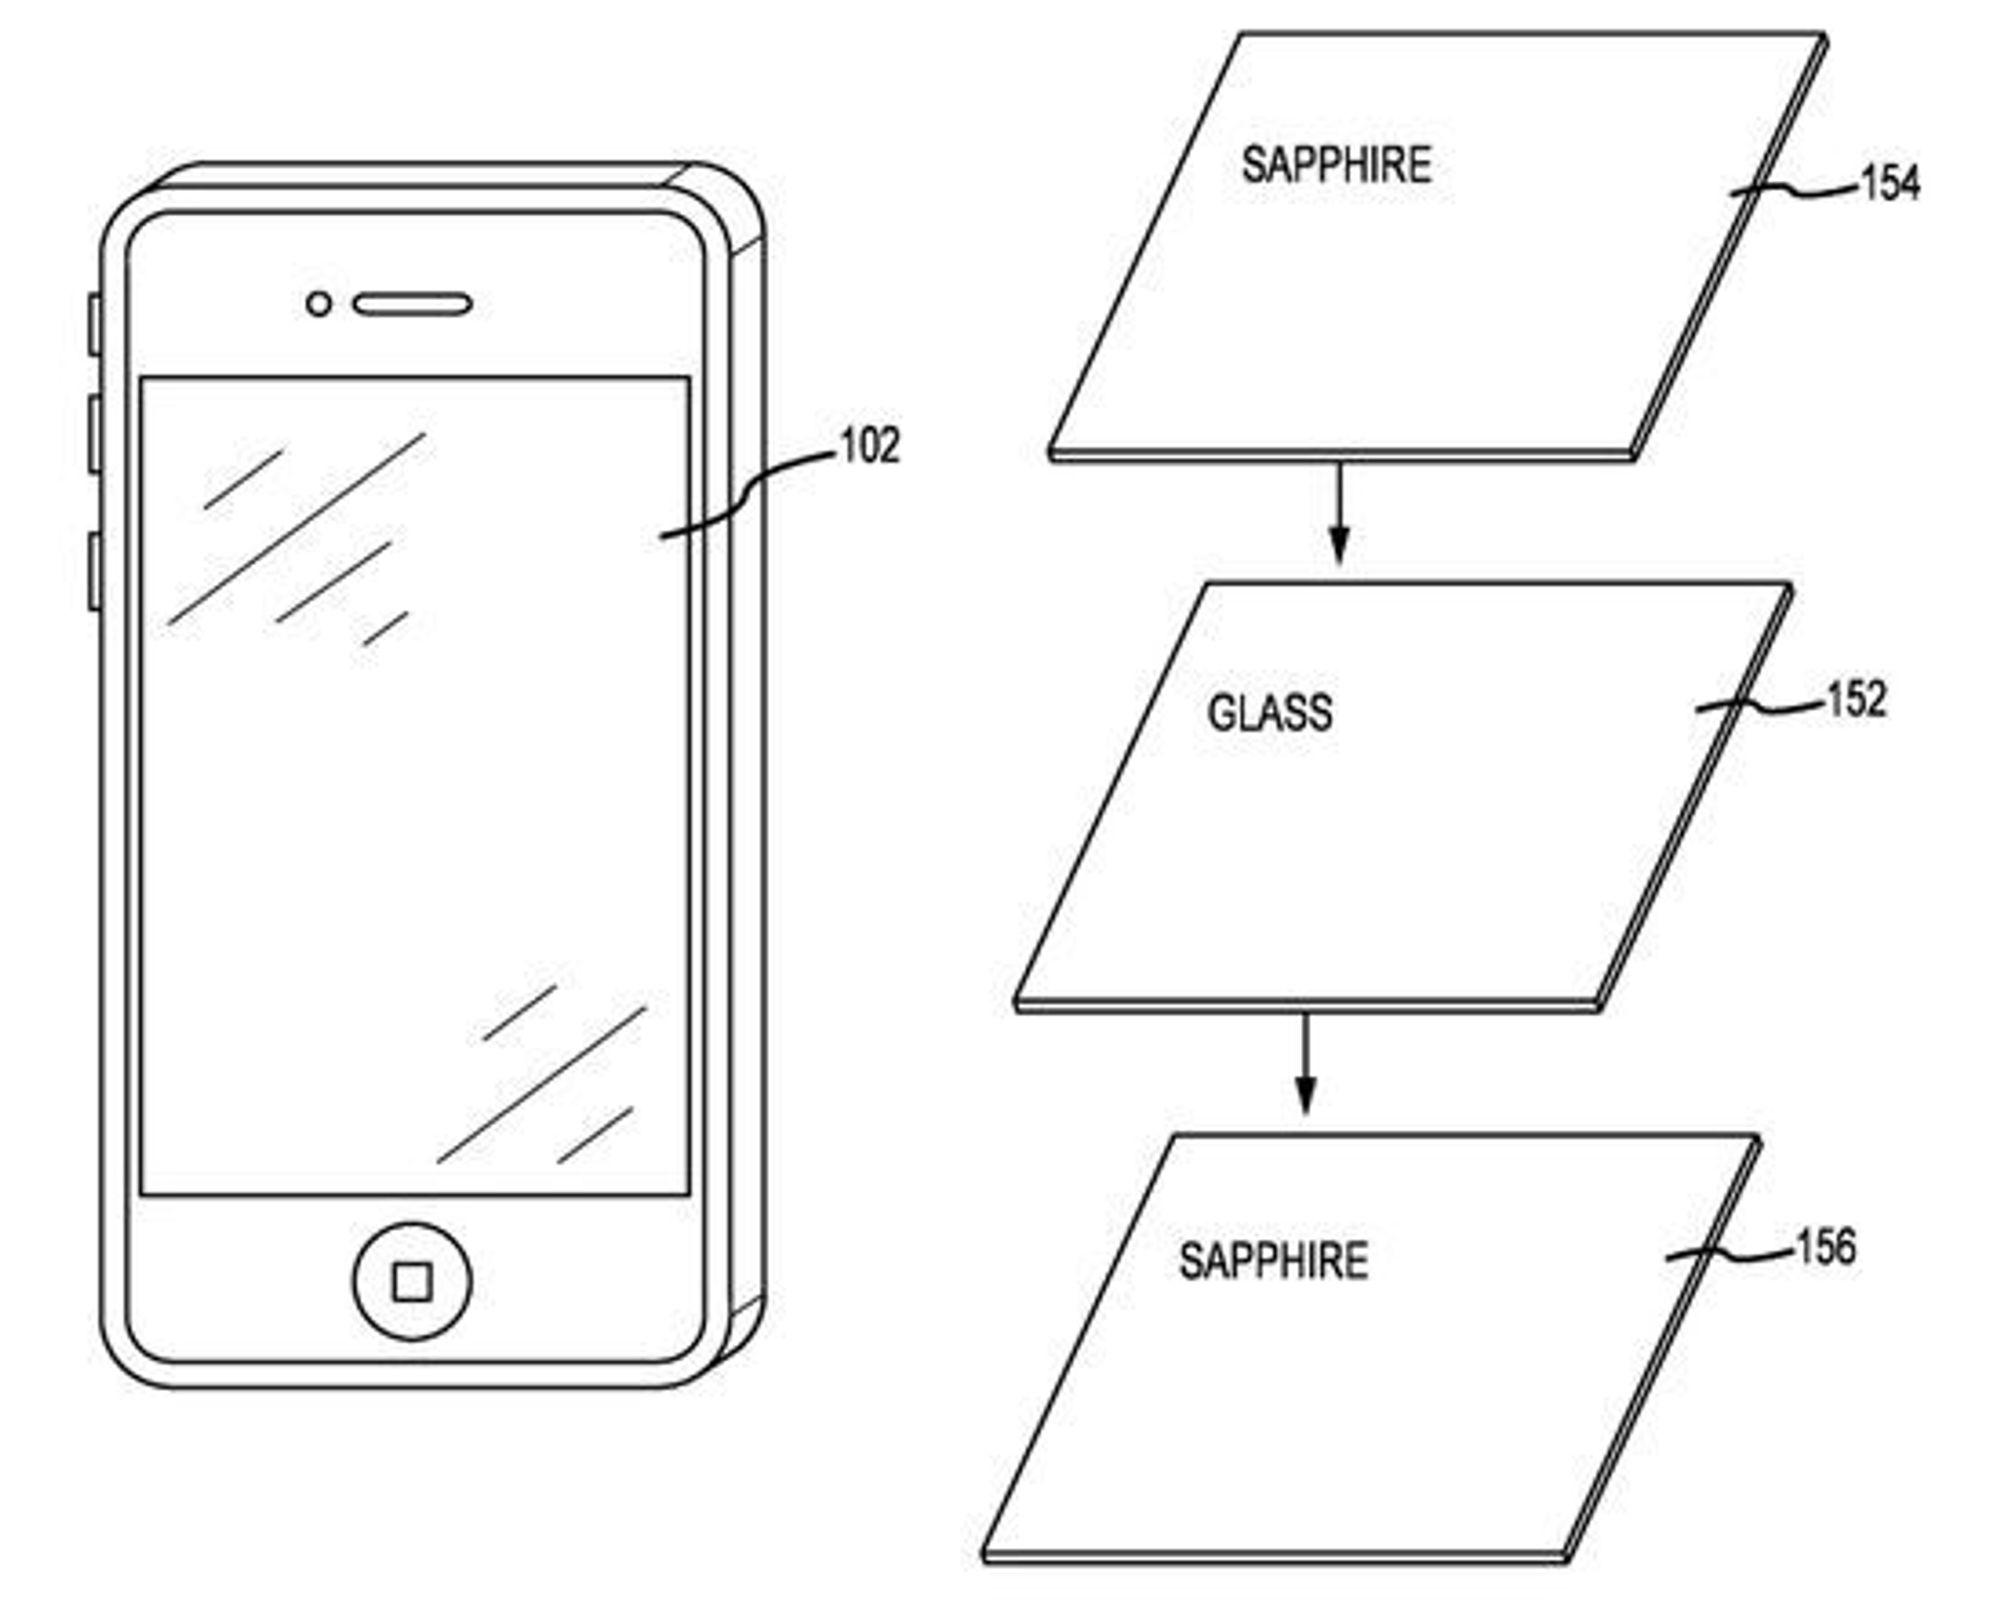 Illustrasjoner fra Apples søknad om patent på safirlaminat.